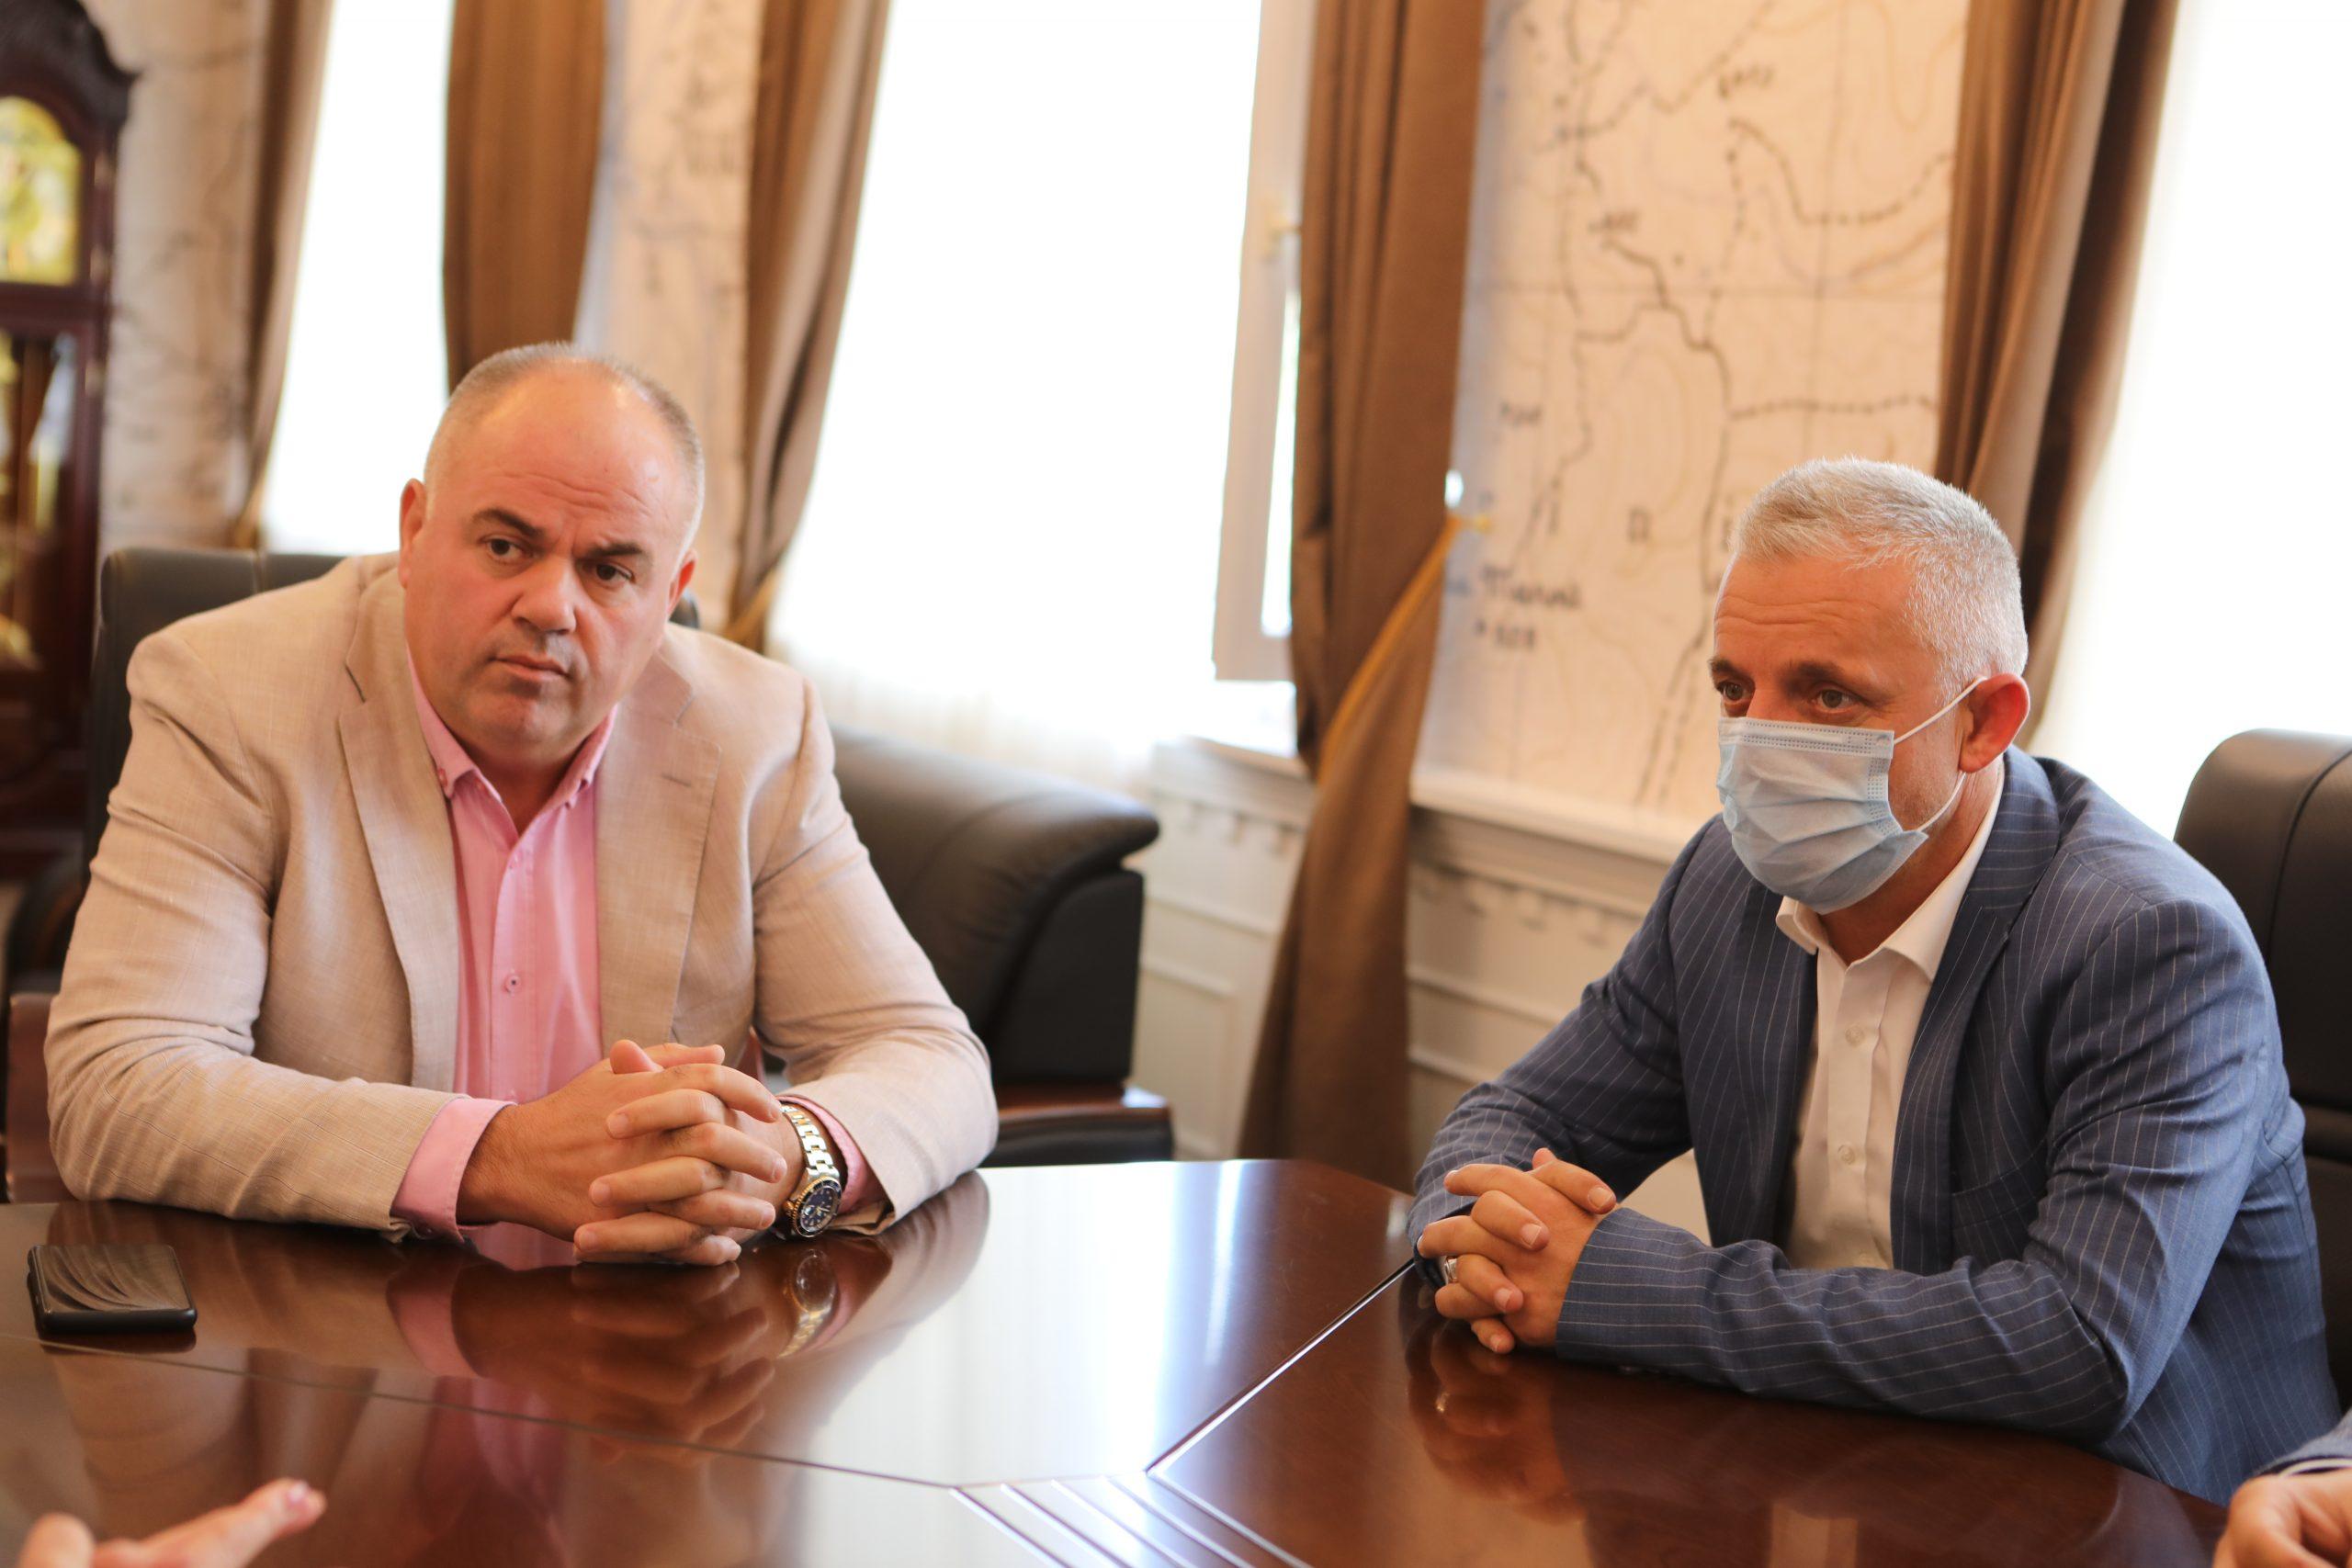 """Kryetari i Bashkisë Kukës z.Safet Gjici ,së bashku me Kryetarin e Shoqatës """"Jetimët e Ballkanit"""" z. Halil Kastrati dorëzuan 10 çelësa të banesave të familjeve në nevojë"""